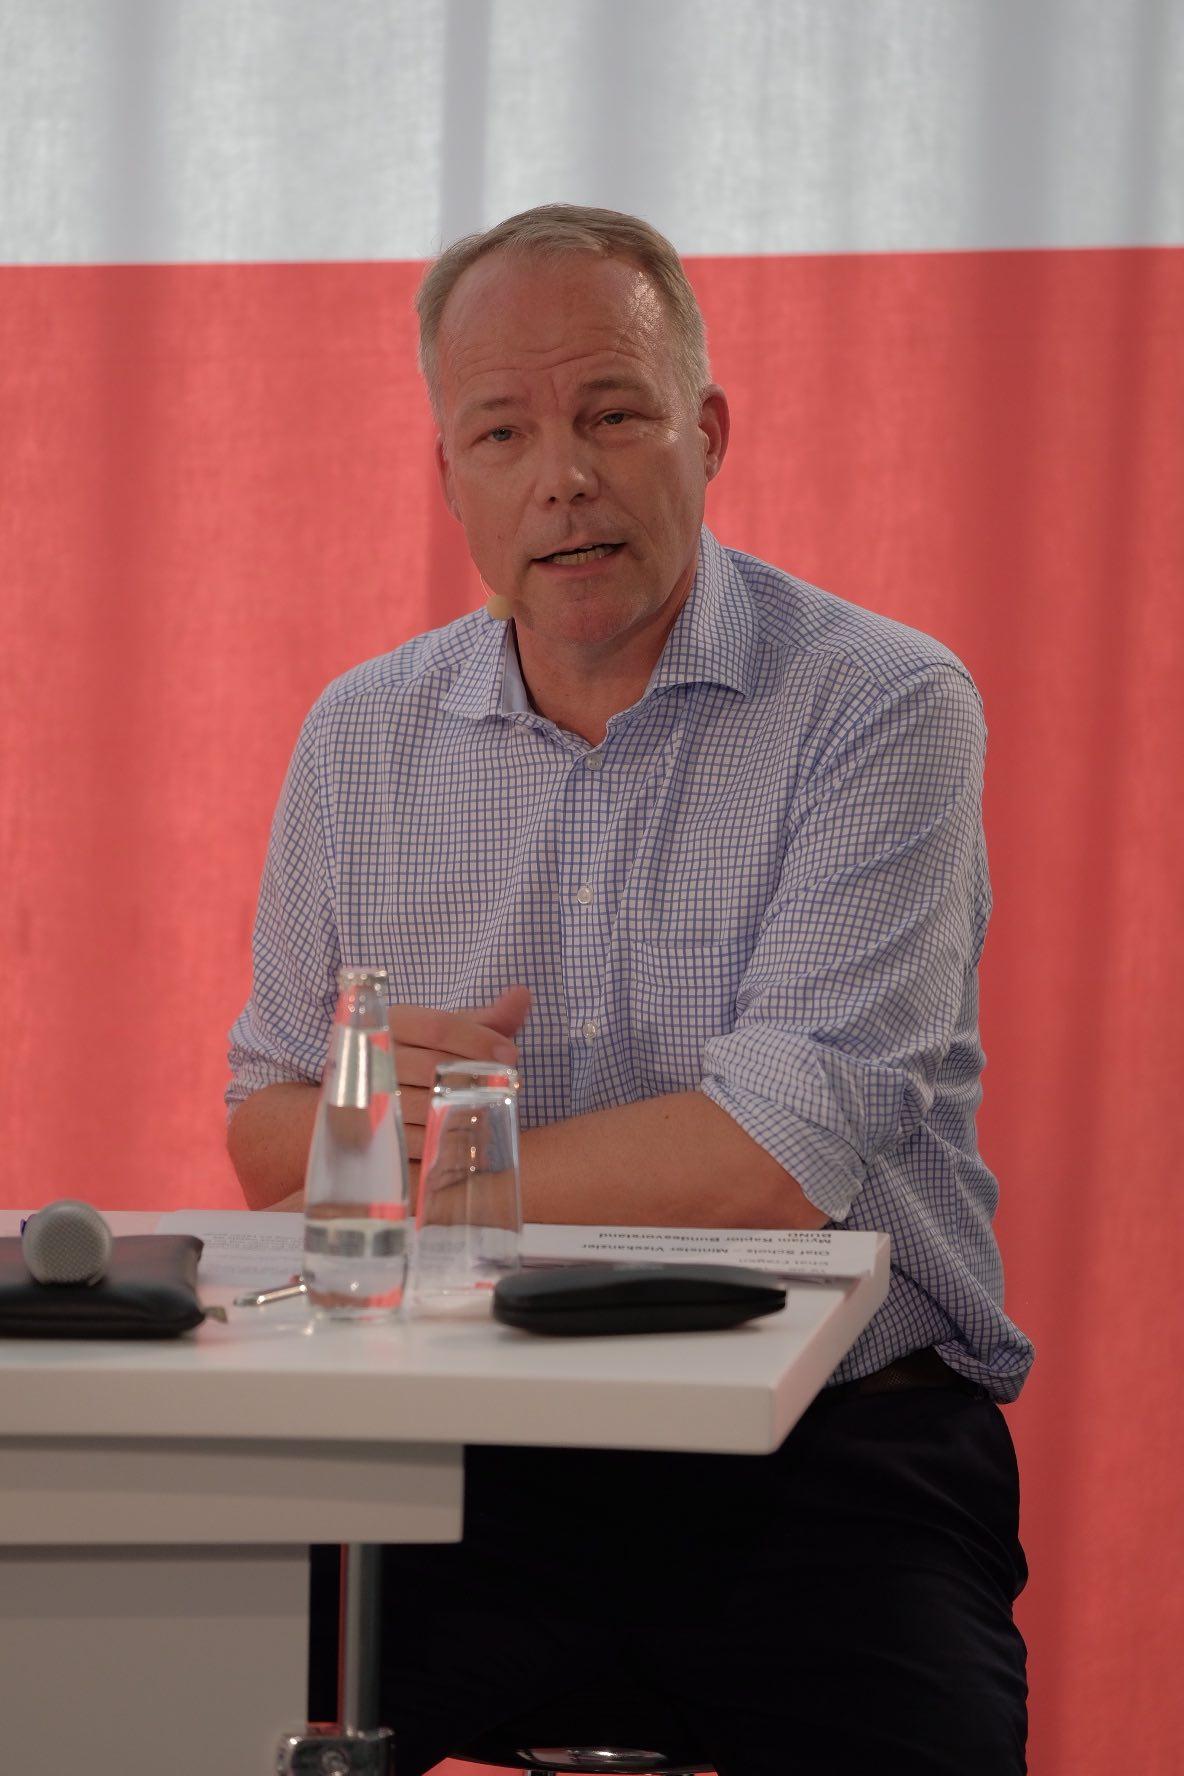 """Foto von Dr. Matthias Miersch beim Panel """"Auf dem Weg nach Glasgow – Sind wir noch zu retten?"""" vor einem roten Vorhang"""